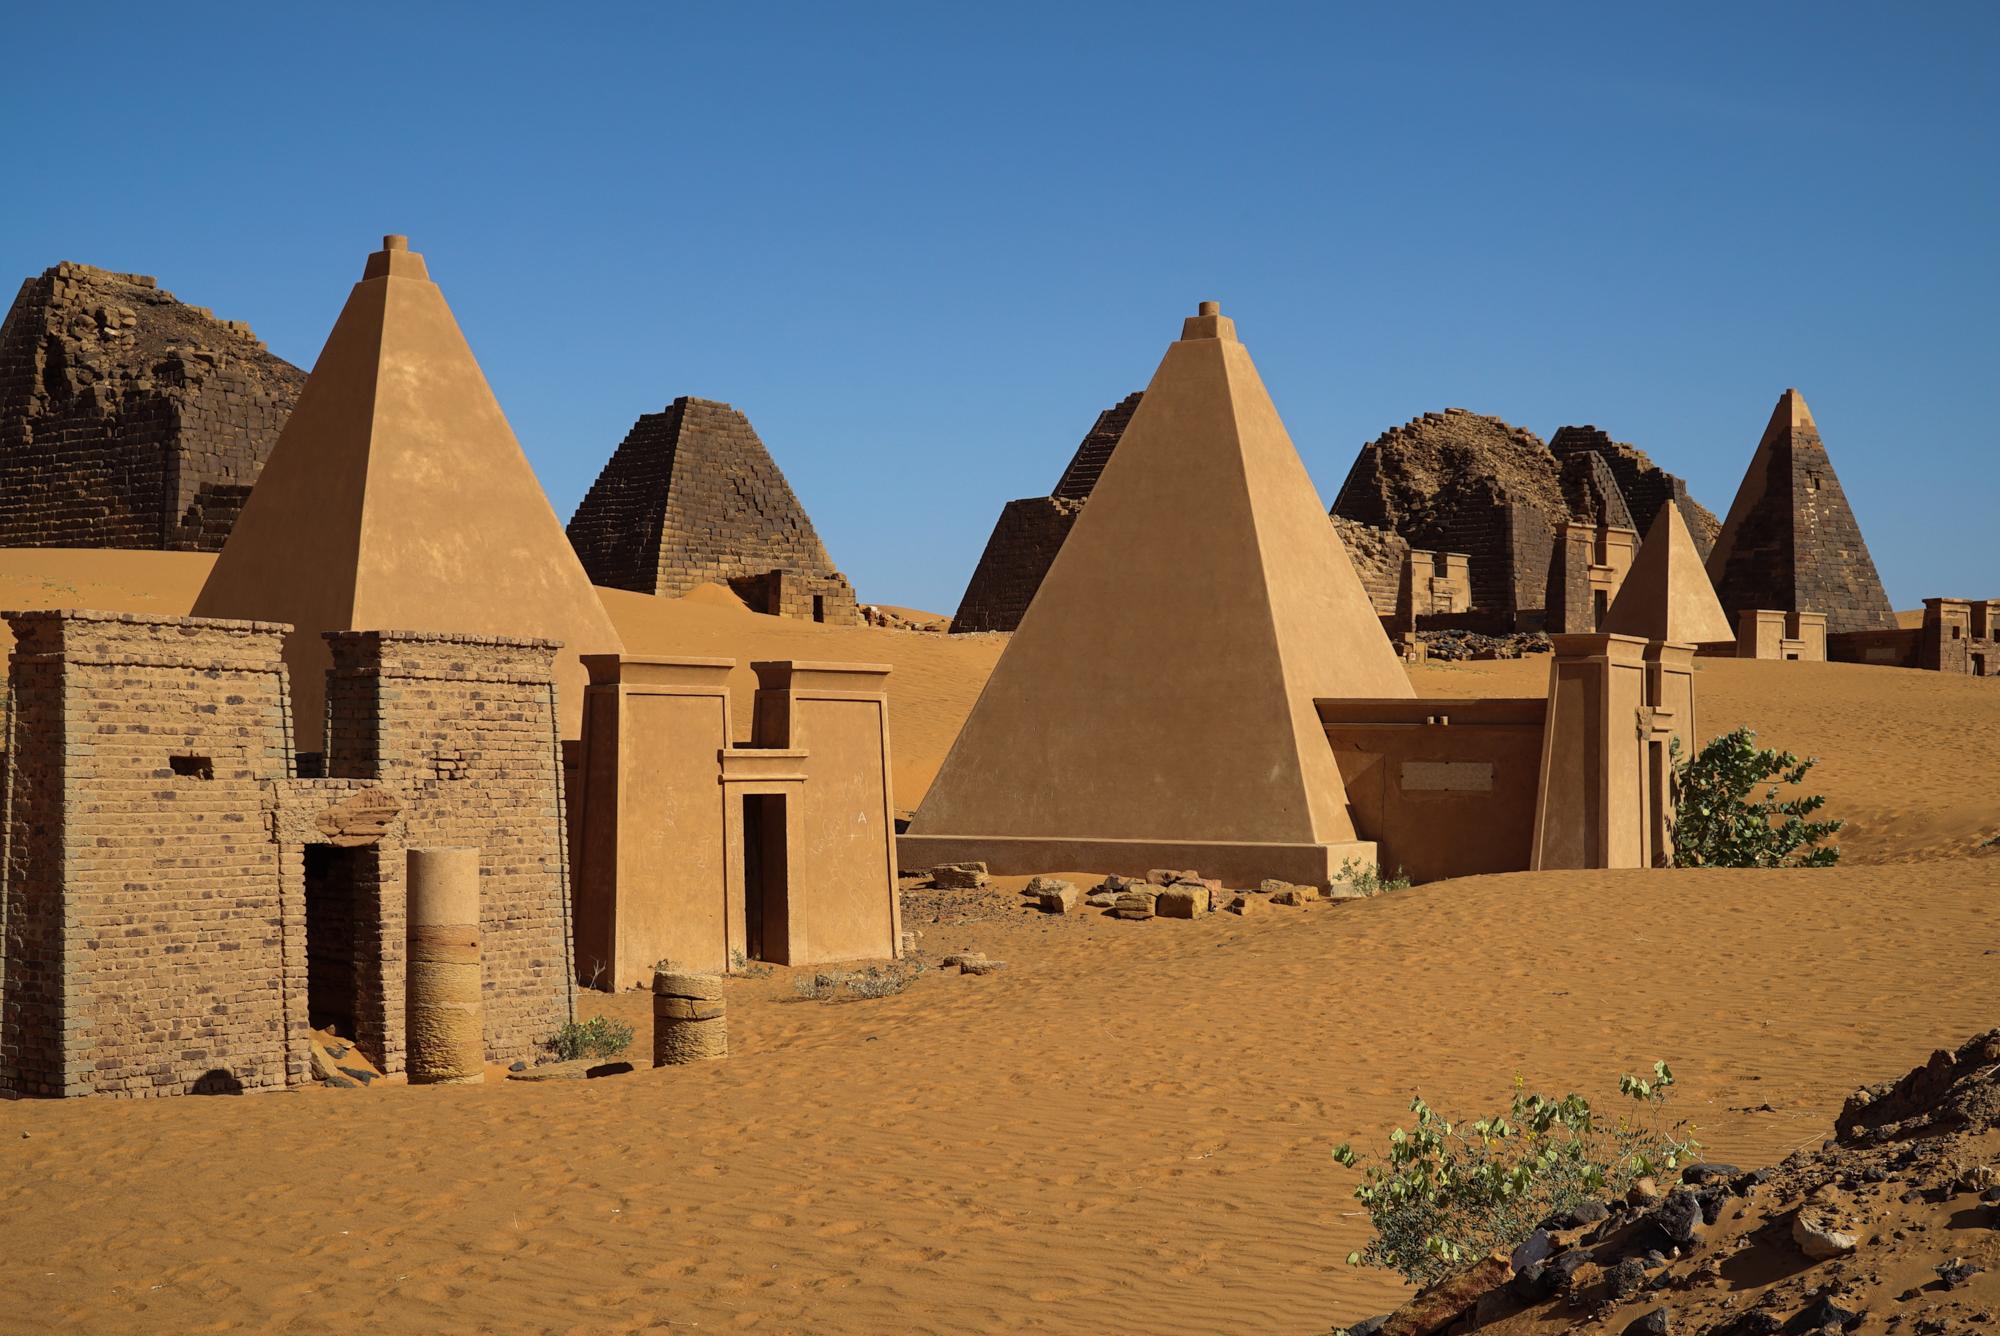 Nubian Pyramids of Meroë, SUDAN